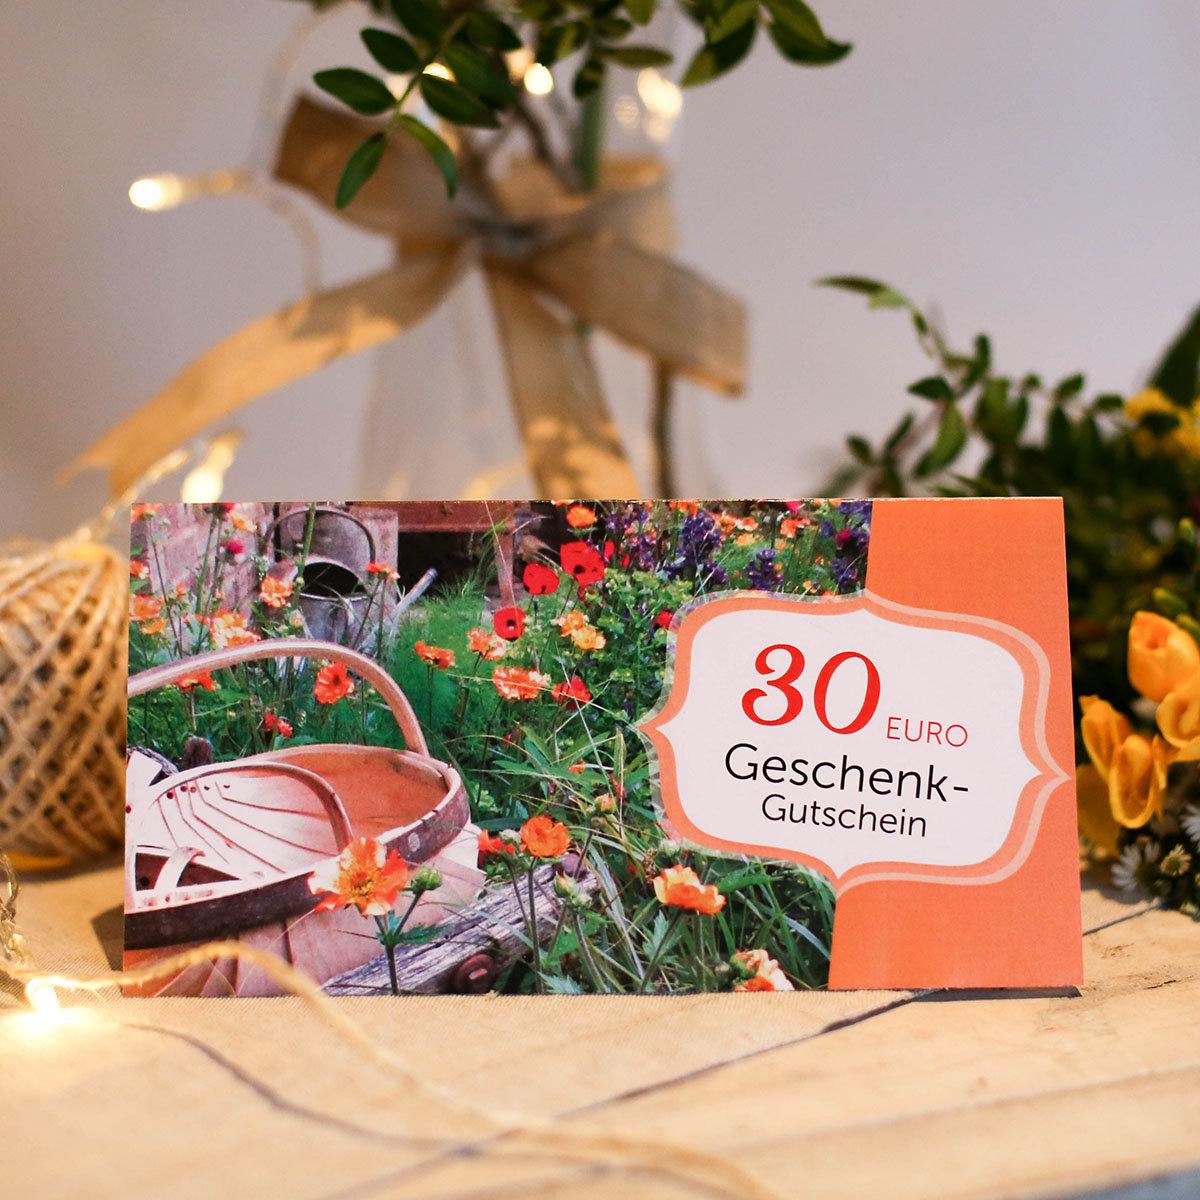 30 euro g rtner p tschkes geschenk gutschein online kaufen bei g rtner p tschke. Black Bedroom Furniture Sets. Home Design Ideas